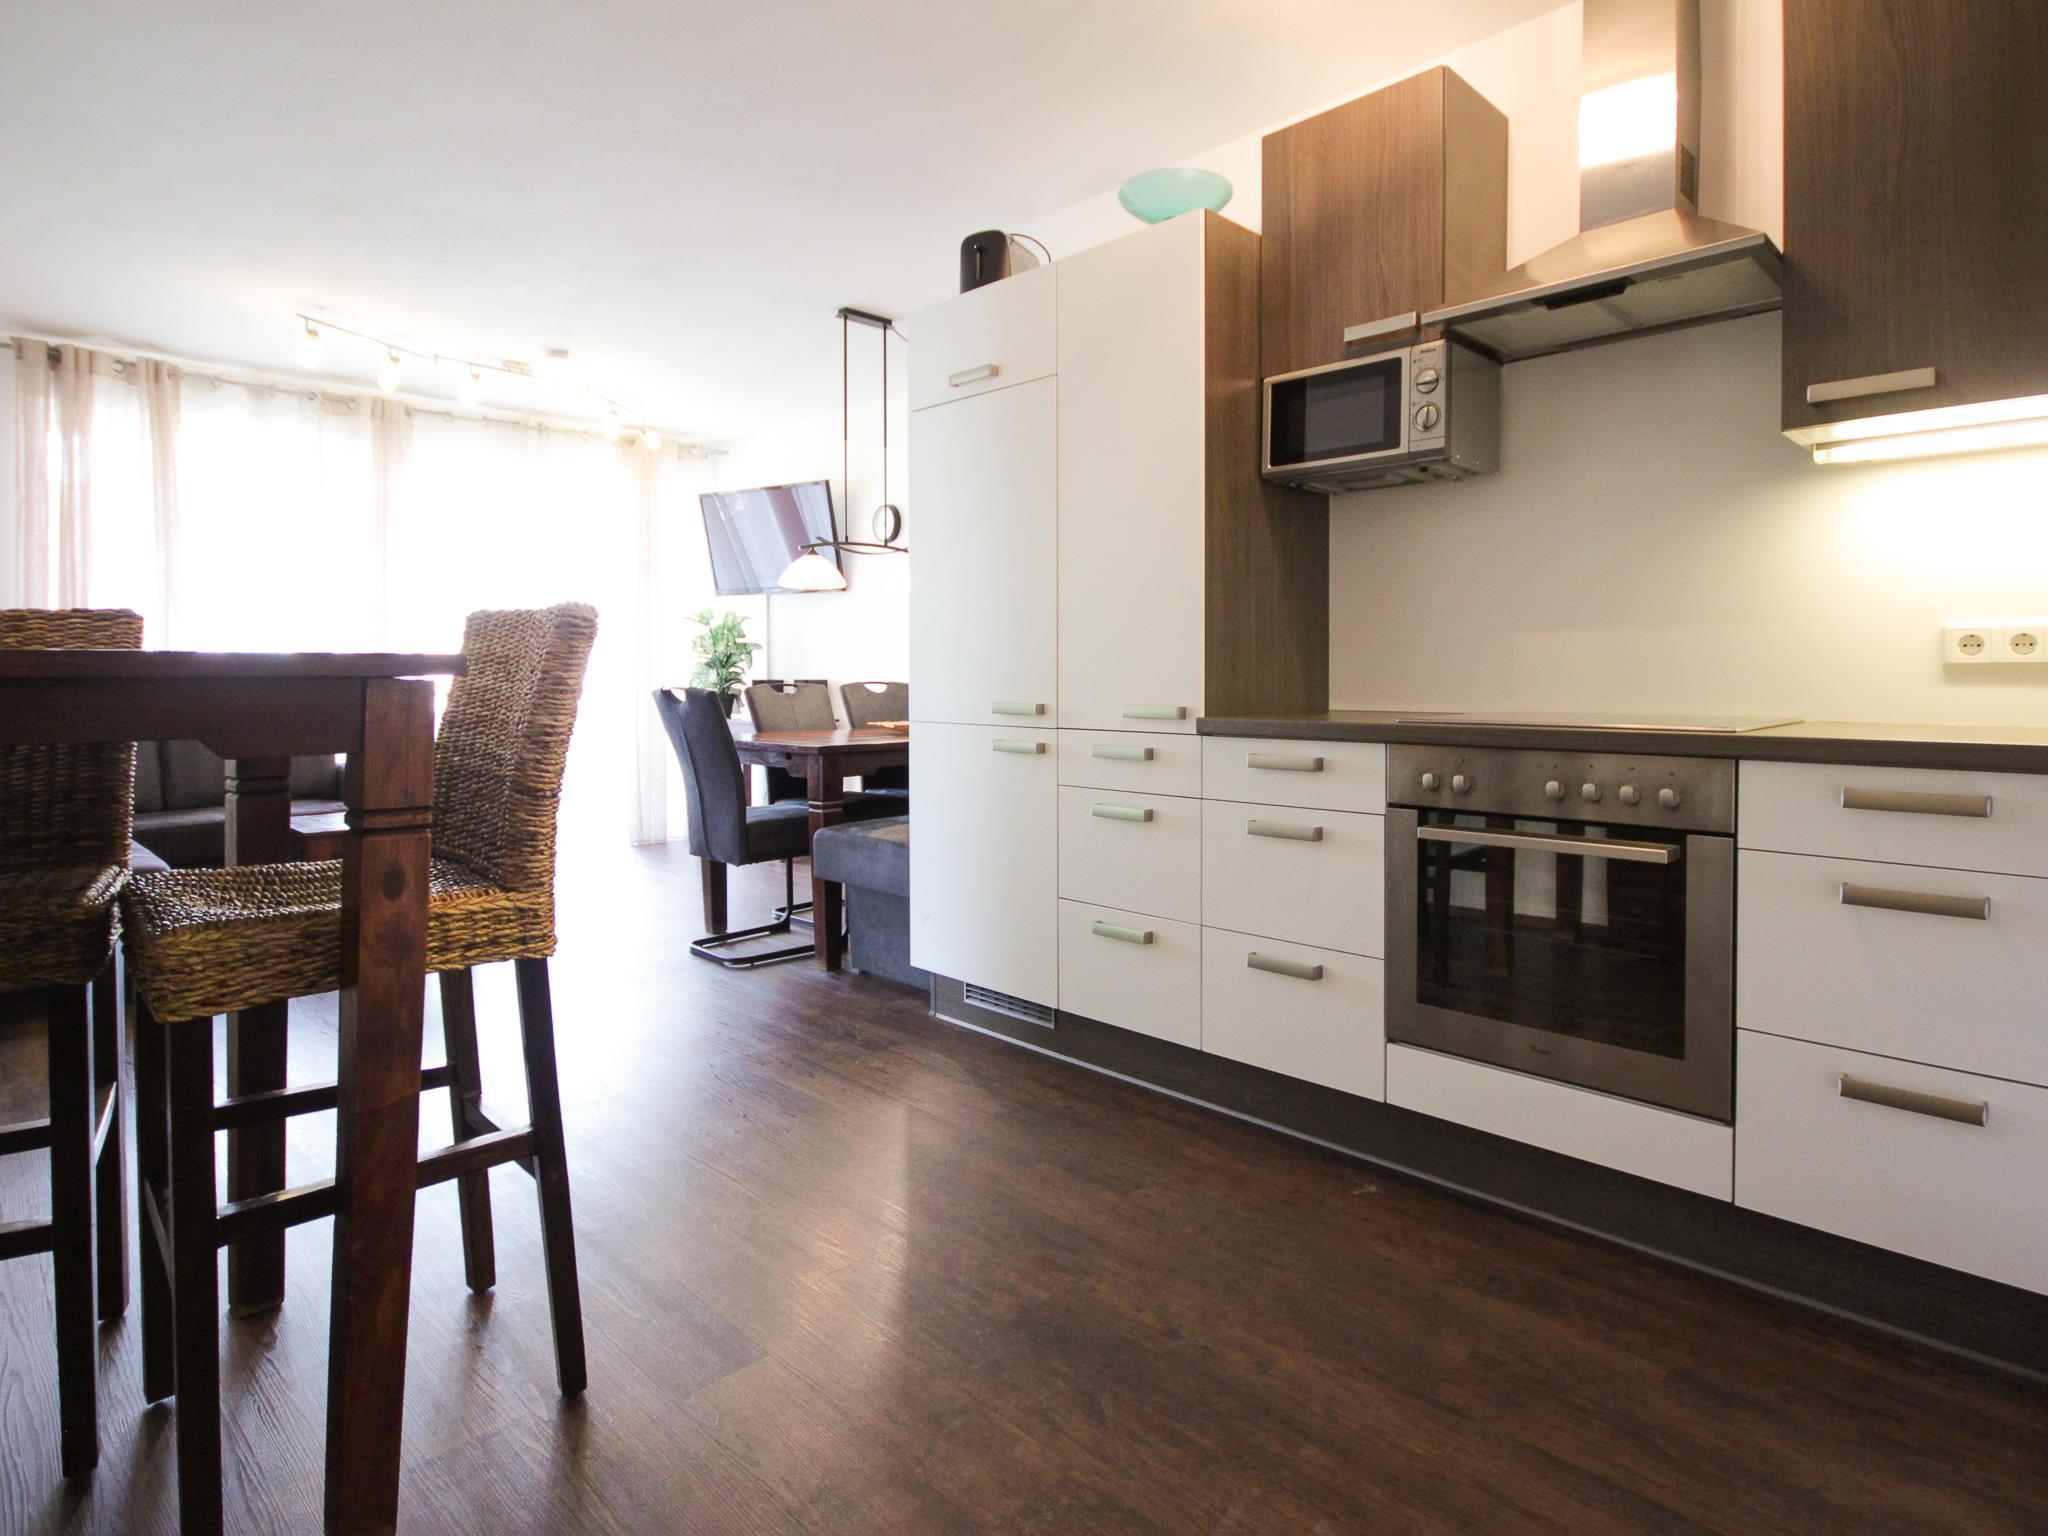 APPARTEMENT LANGE GASSE Appartement Lange Gasse Top 1